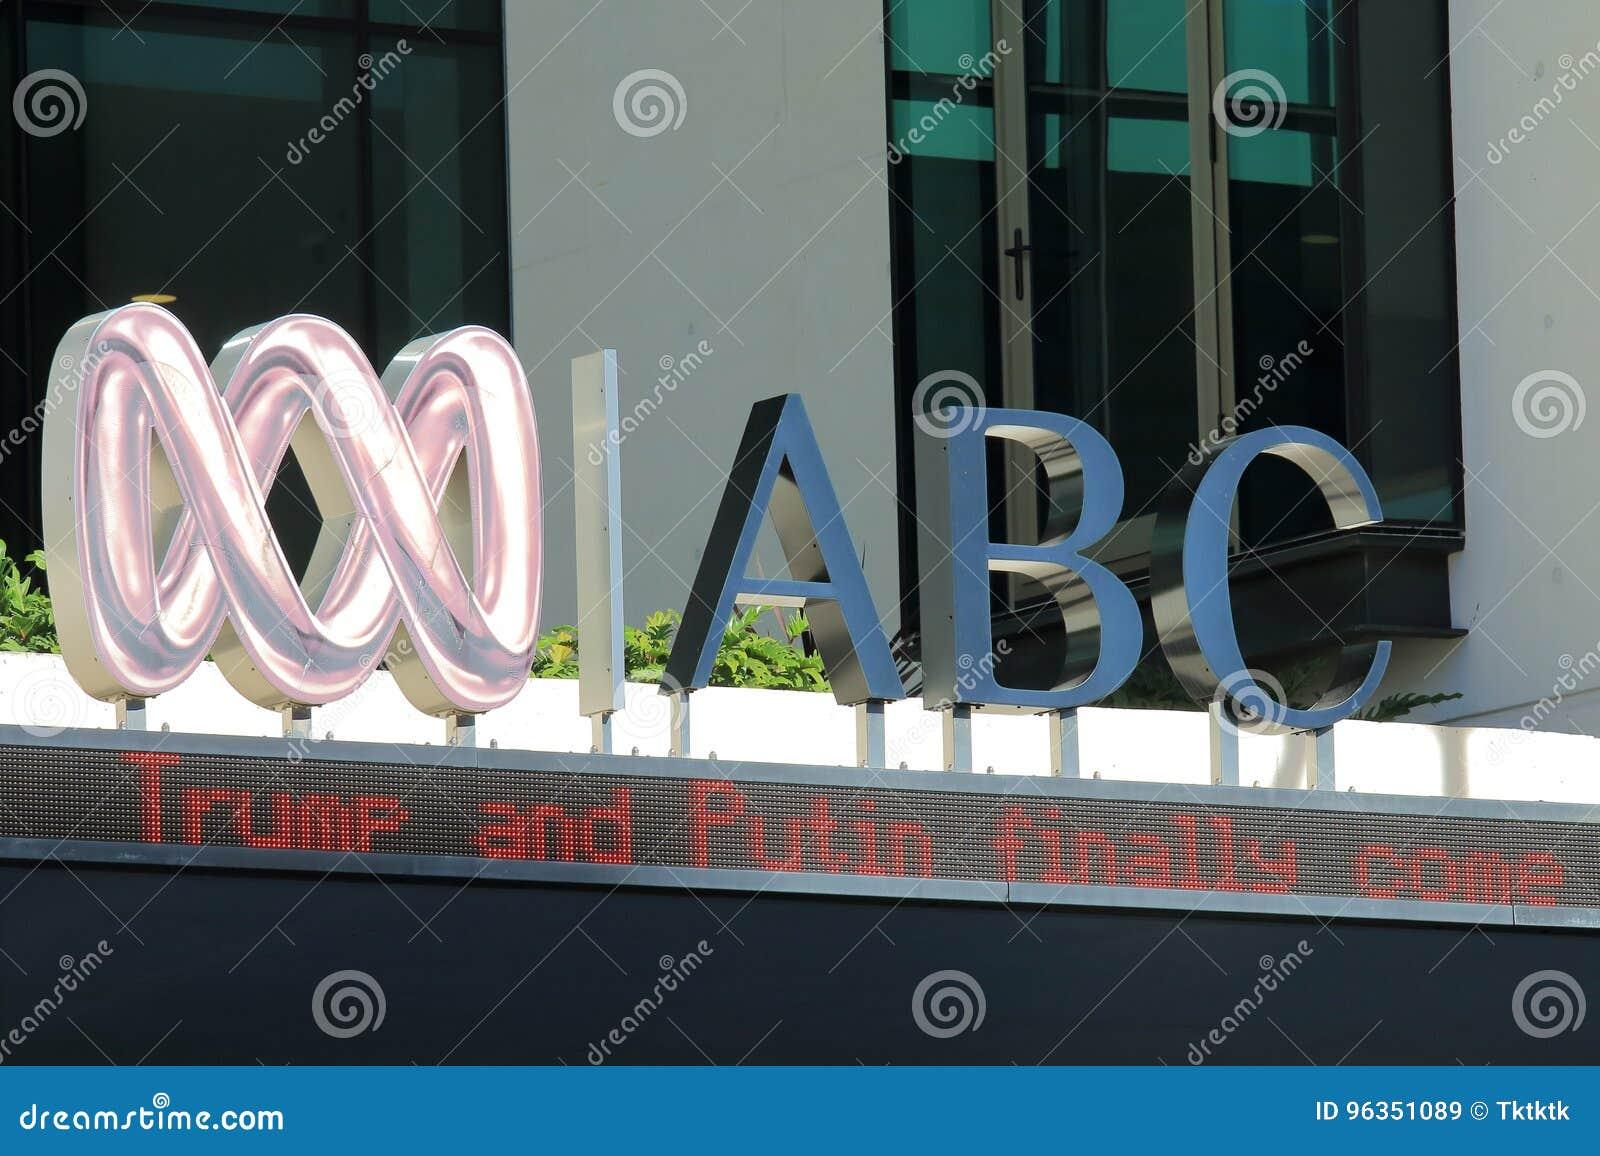 ABC Australijski korporacja radiowo-telewizyjna Australia